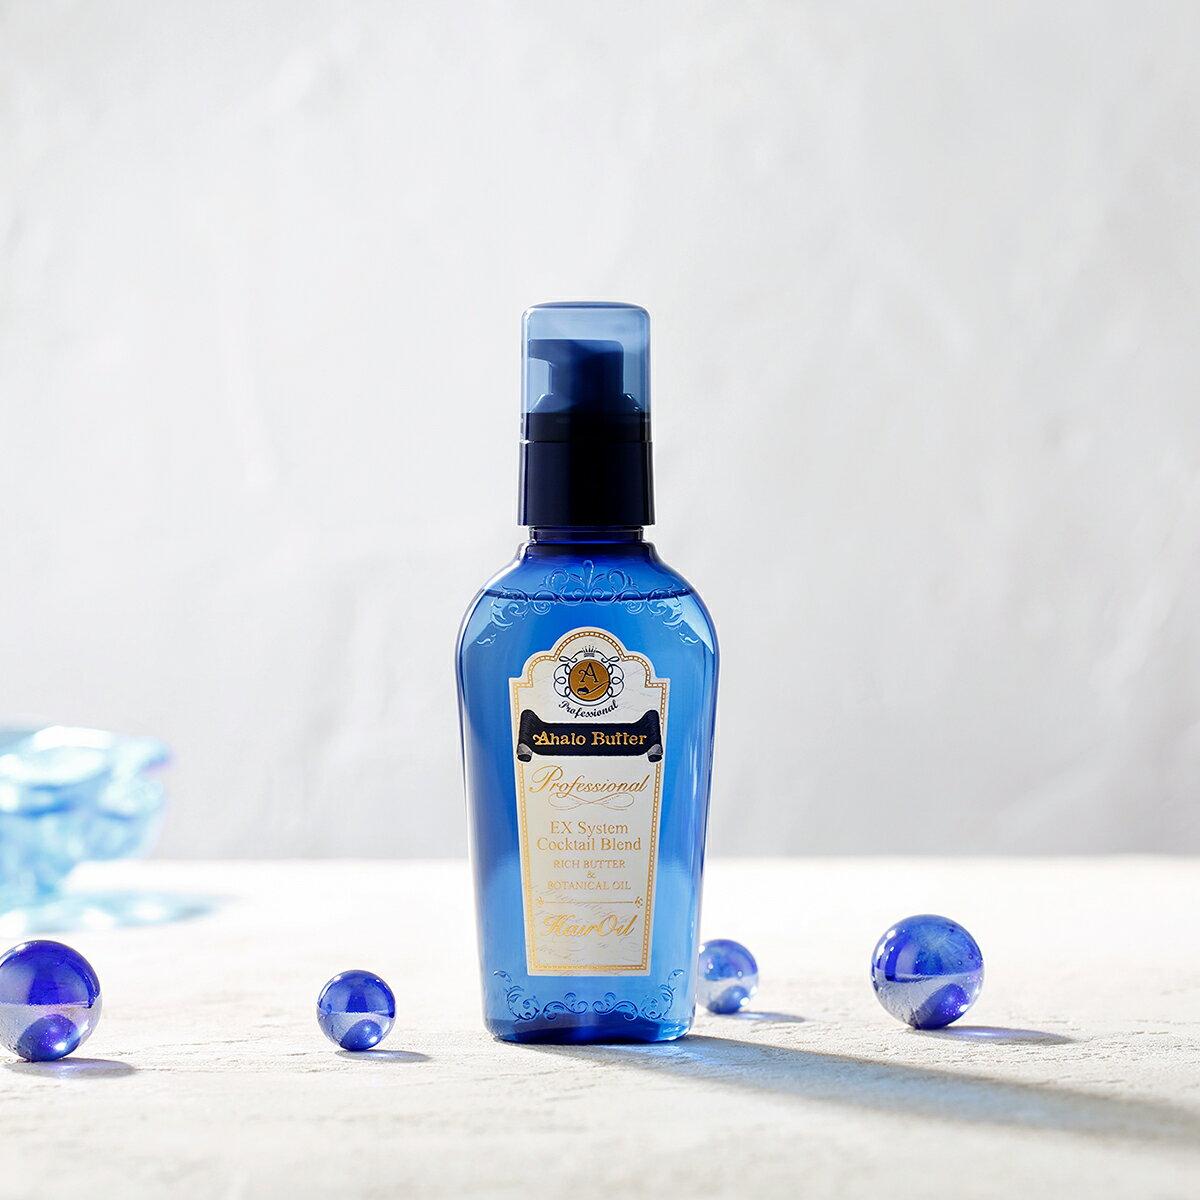 美容室 美容師共同開発 ノンシリコン ヘアオイル アハロバター ヘアオイル オイル オーガニック ボタニカル ノンシリコン バター 保湿 乾燥 ダメージ まとまる さらさら プロフェッショナル 95ML ahalobutter